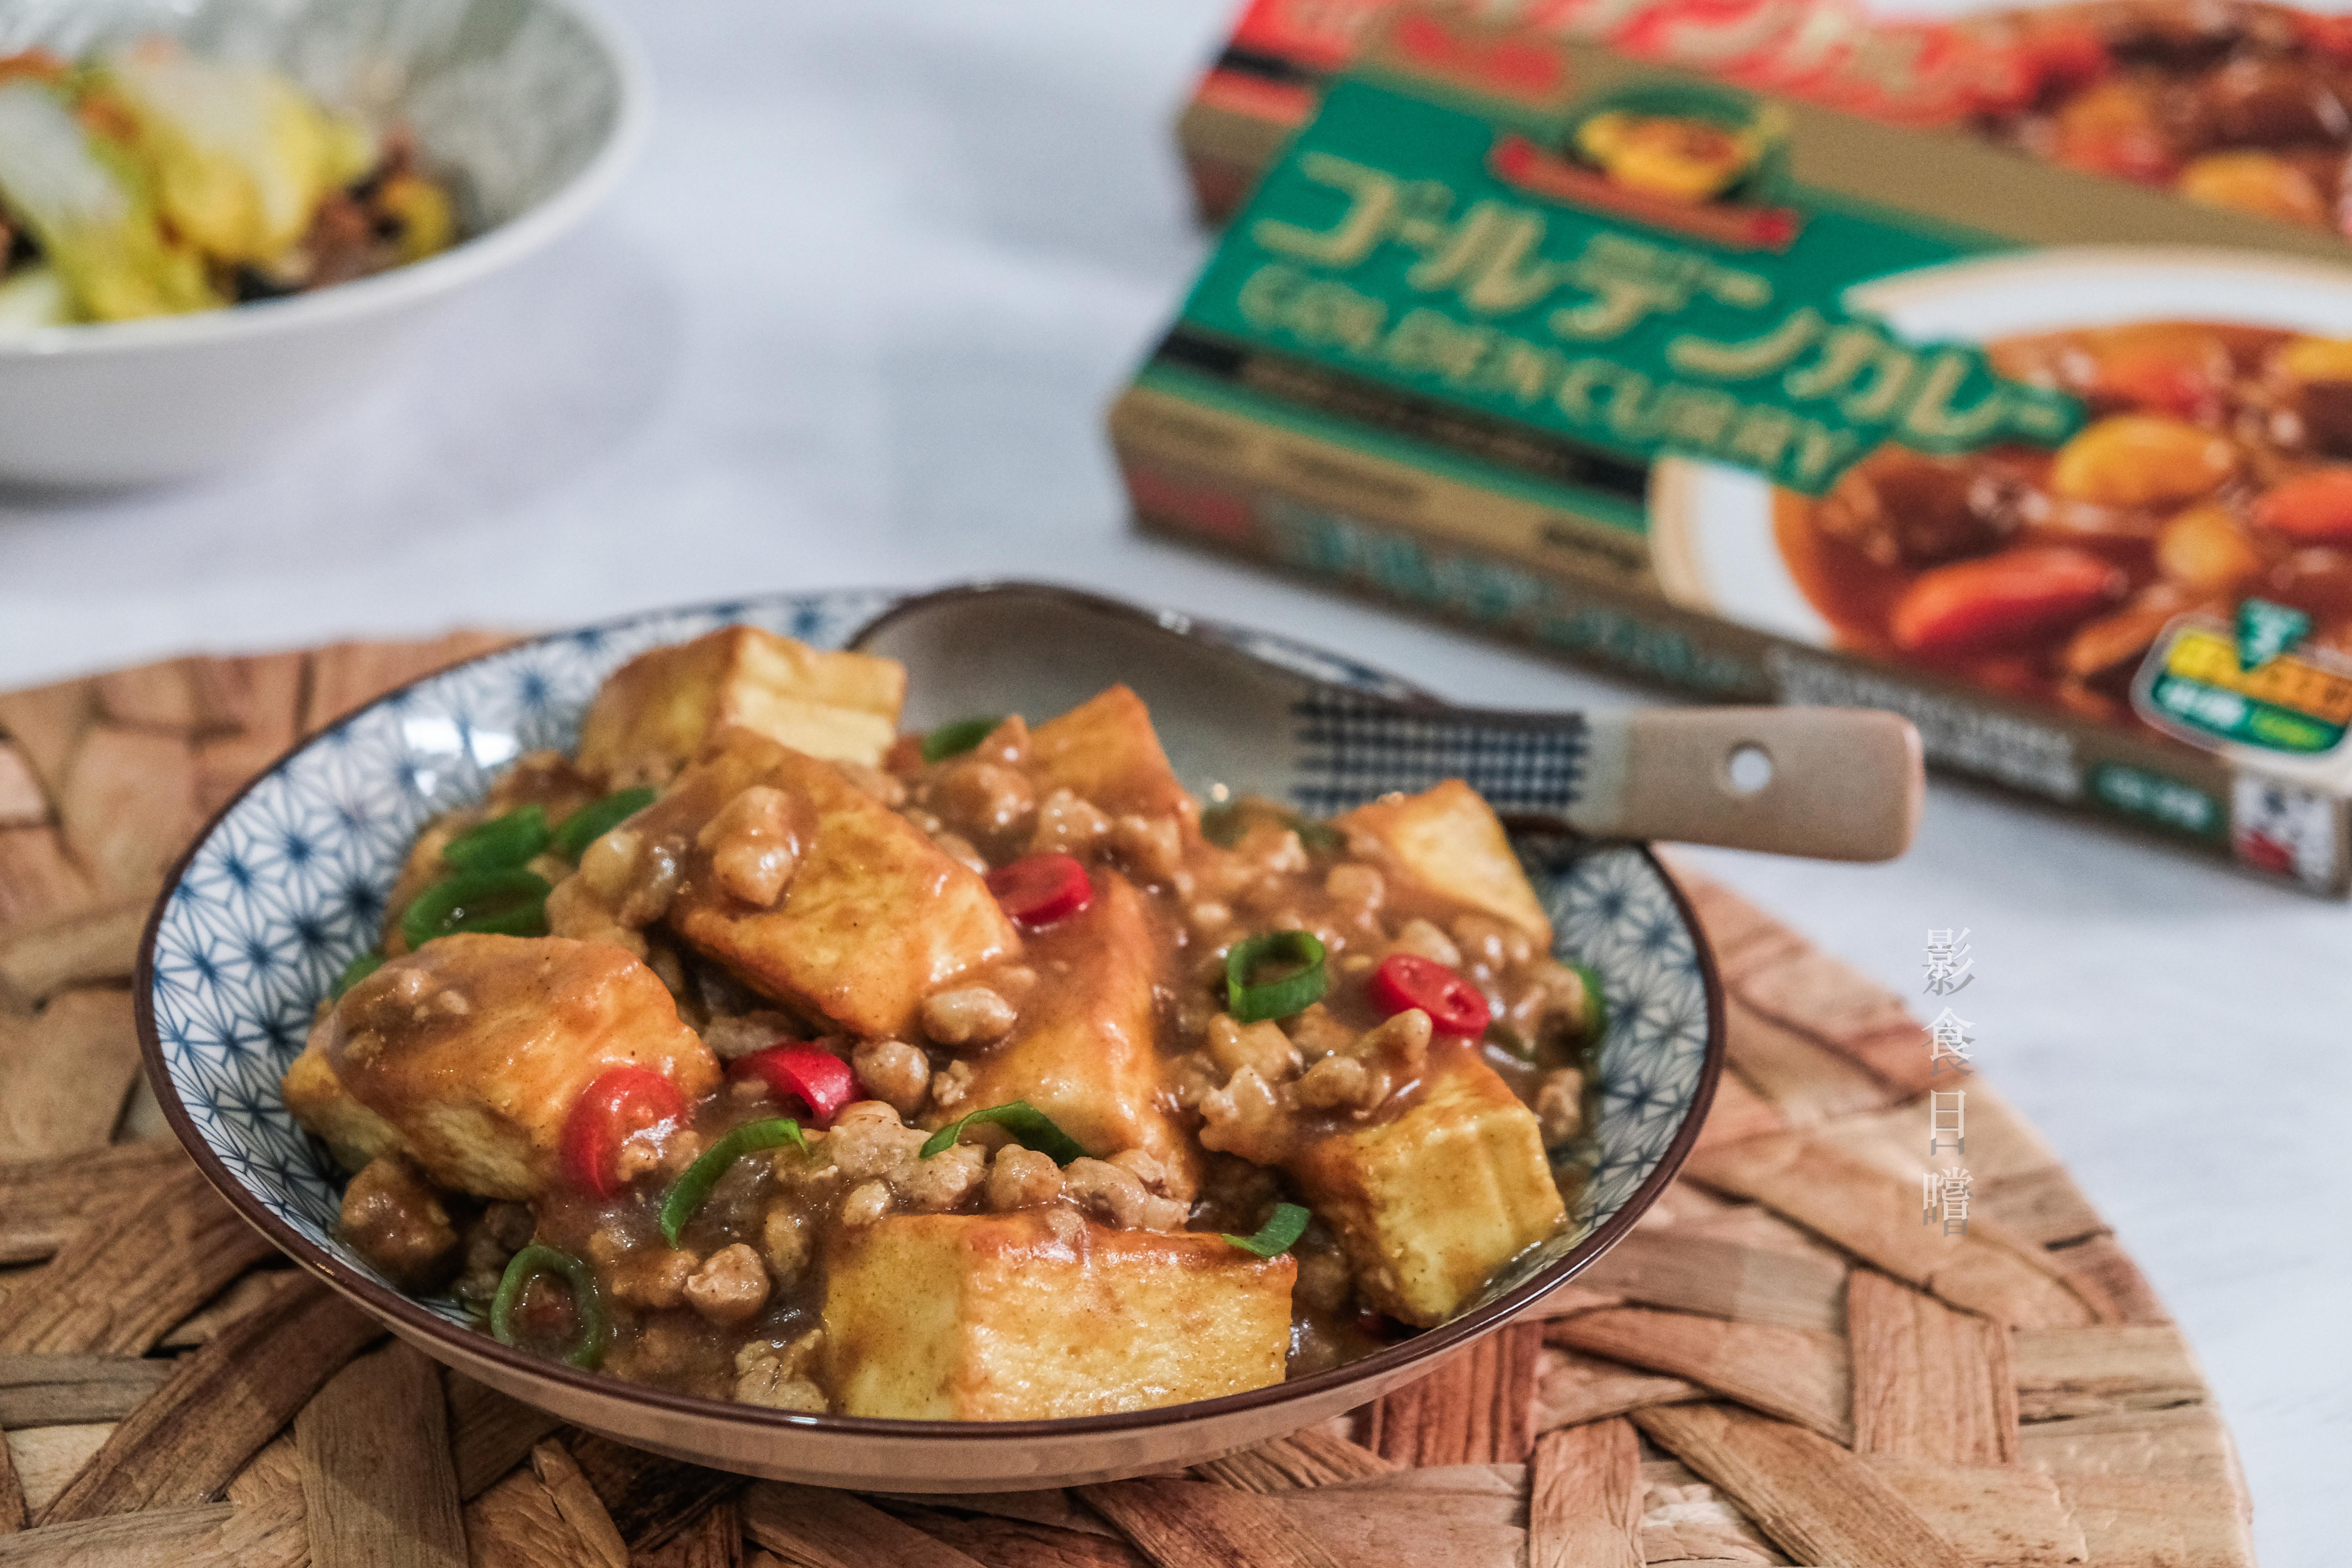 讓美味咖哩融入你的家常料理 - S&B金牌咖哩塊的第 3 張圖片